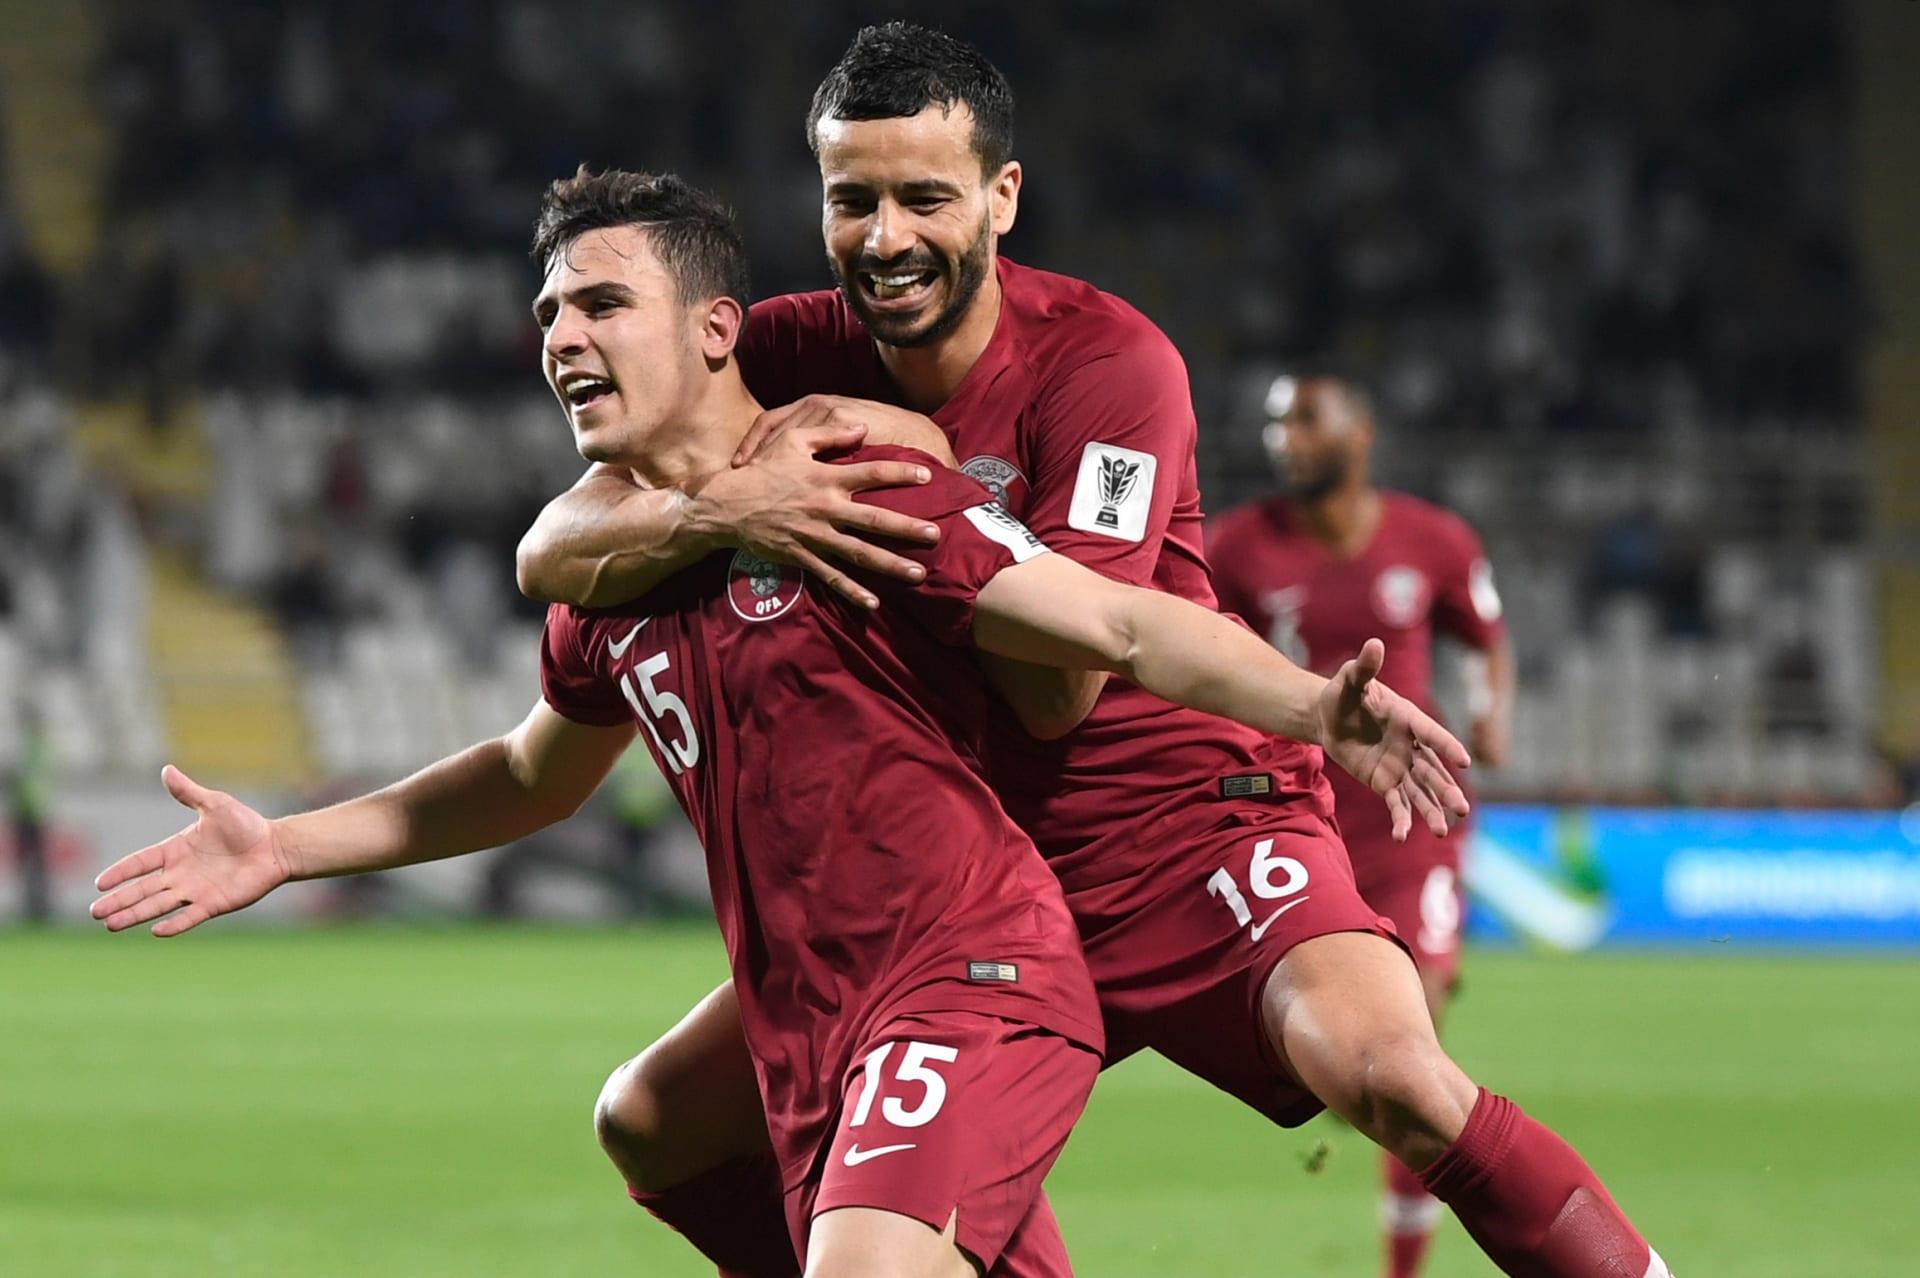 قطر تتفوق على العراق بأقدام لاعب من أصول عراقية.. وتضرب موعدا مع كوريا الجنوبية